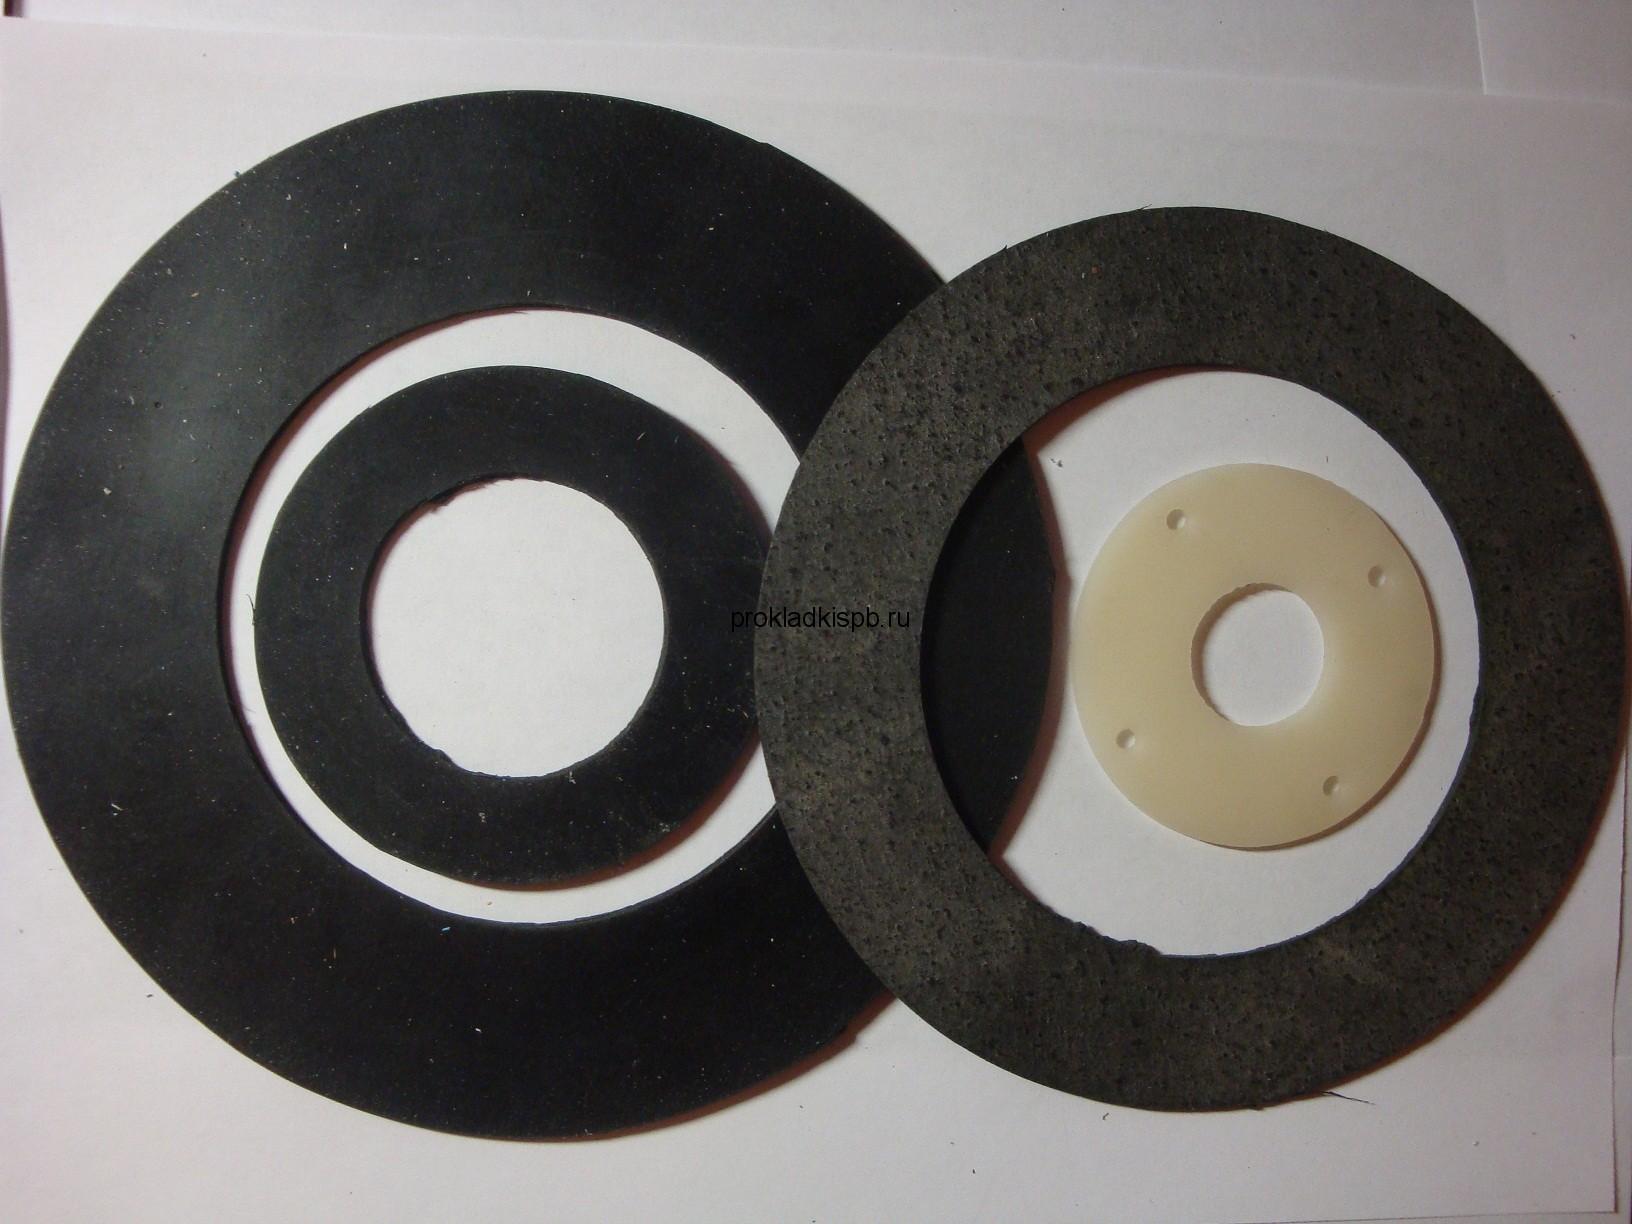 Изготовление прокладок из резины различных марок